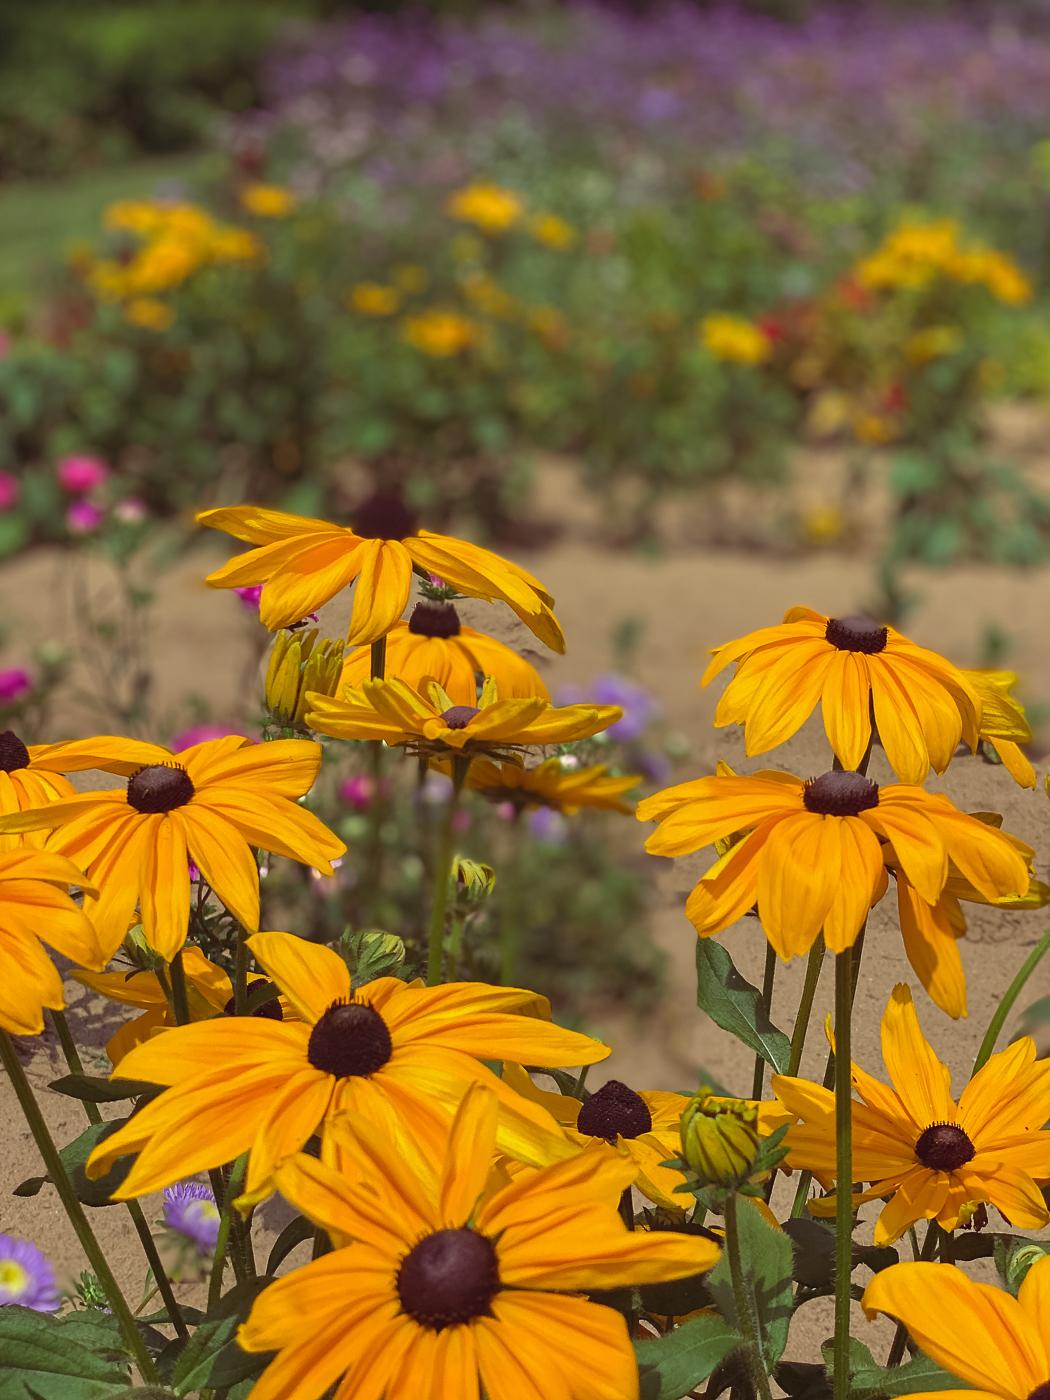 black eyed susan, rudbeckia hirta, summer garden flowers, blooming flowers, summer flowers that bloom